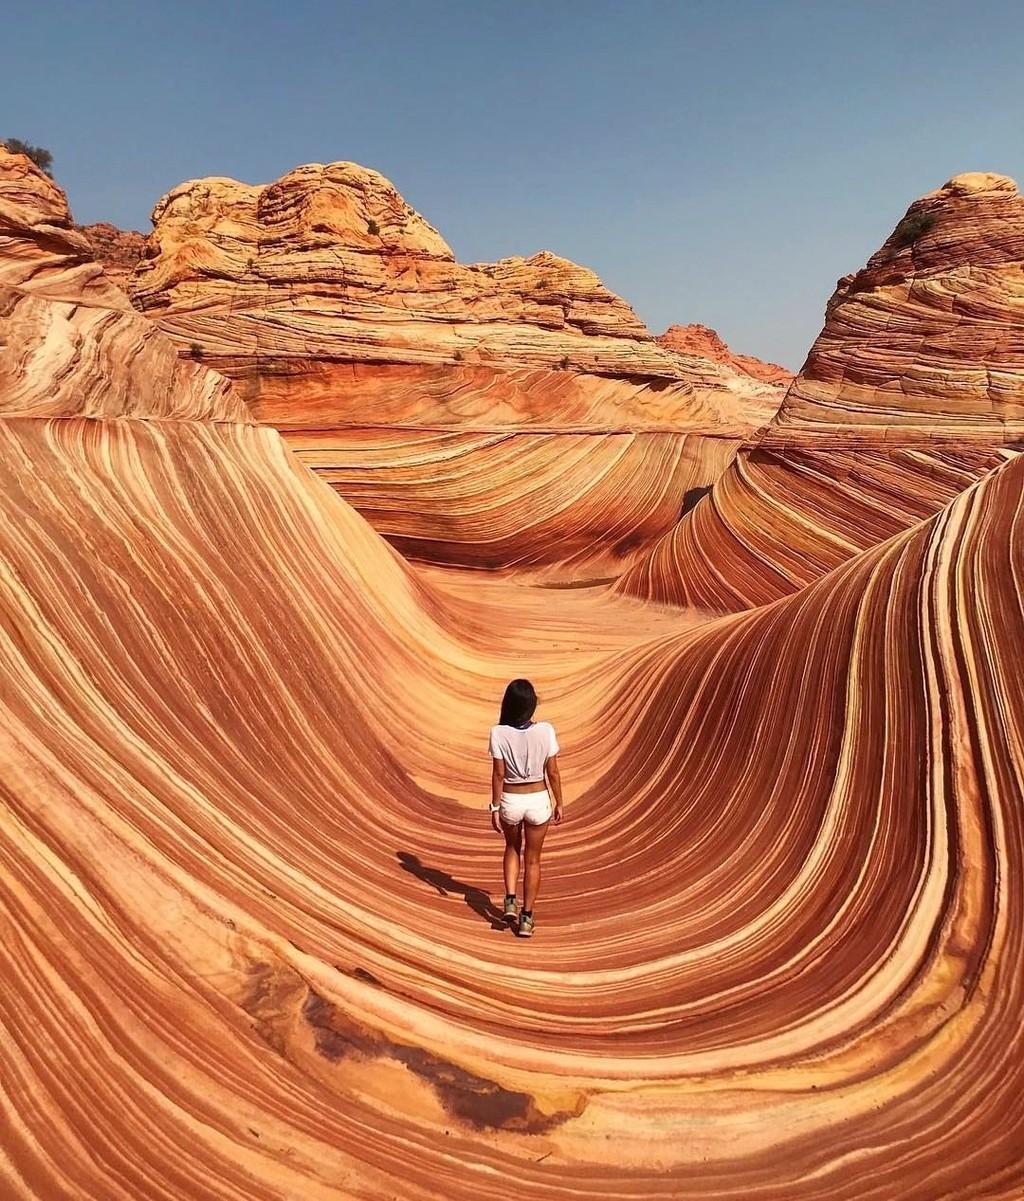 15 lugares de la Tierra con paisajes tan increíbles que parecen de otro planeta #source%3Dgooglier%2Ecom#https%3A%2F%2Fgooglier%2Ecom%2Fpage%2F%2F10000